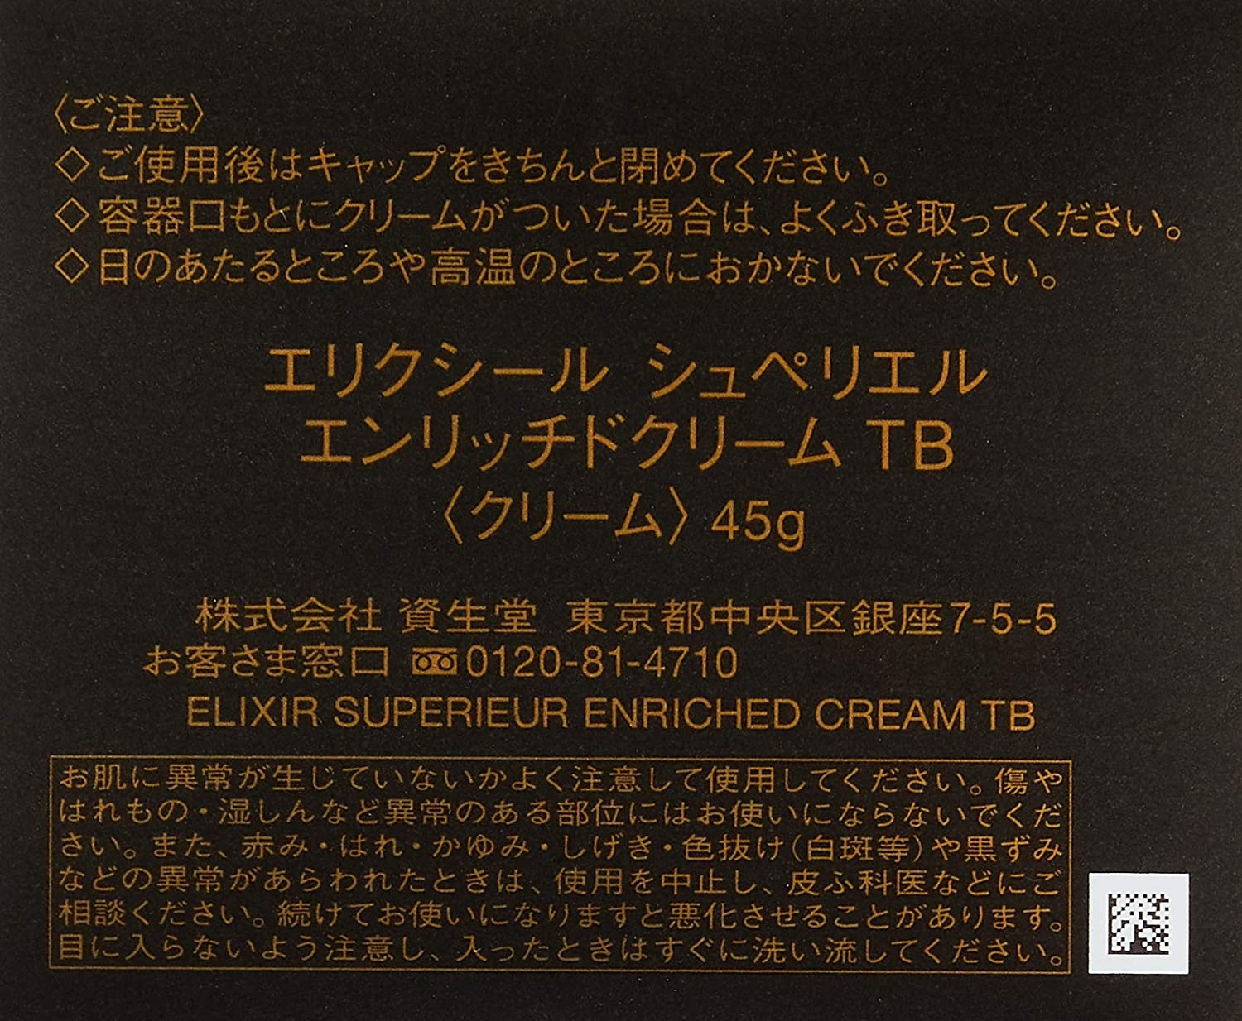 ELIXIR SUPERIEUR(エリクシール シュペリエル)エンリッチドクリーム TBの商品画像11